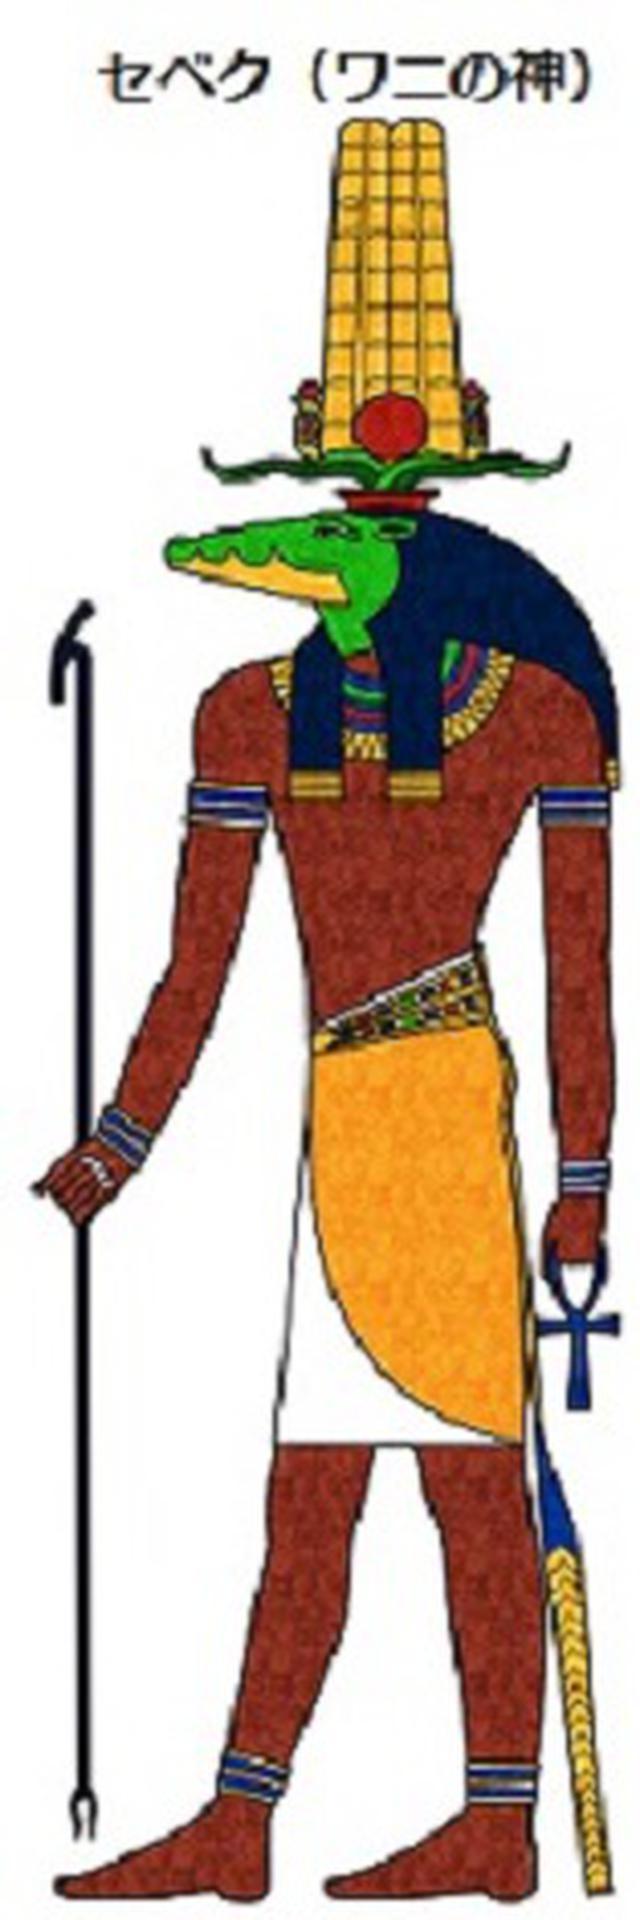 画像5: 謎多きエジプト大解剖!<第1回>「カオスなエジプト神話」【好奇心で旅する海外】<歴史の時間>